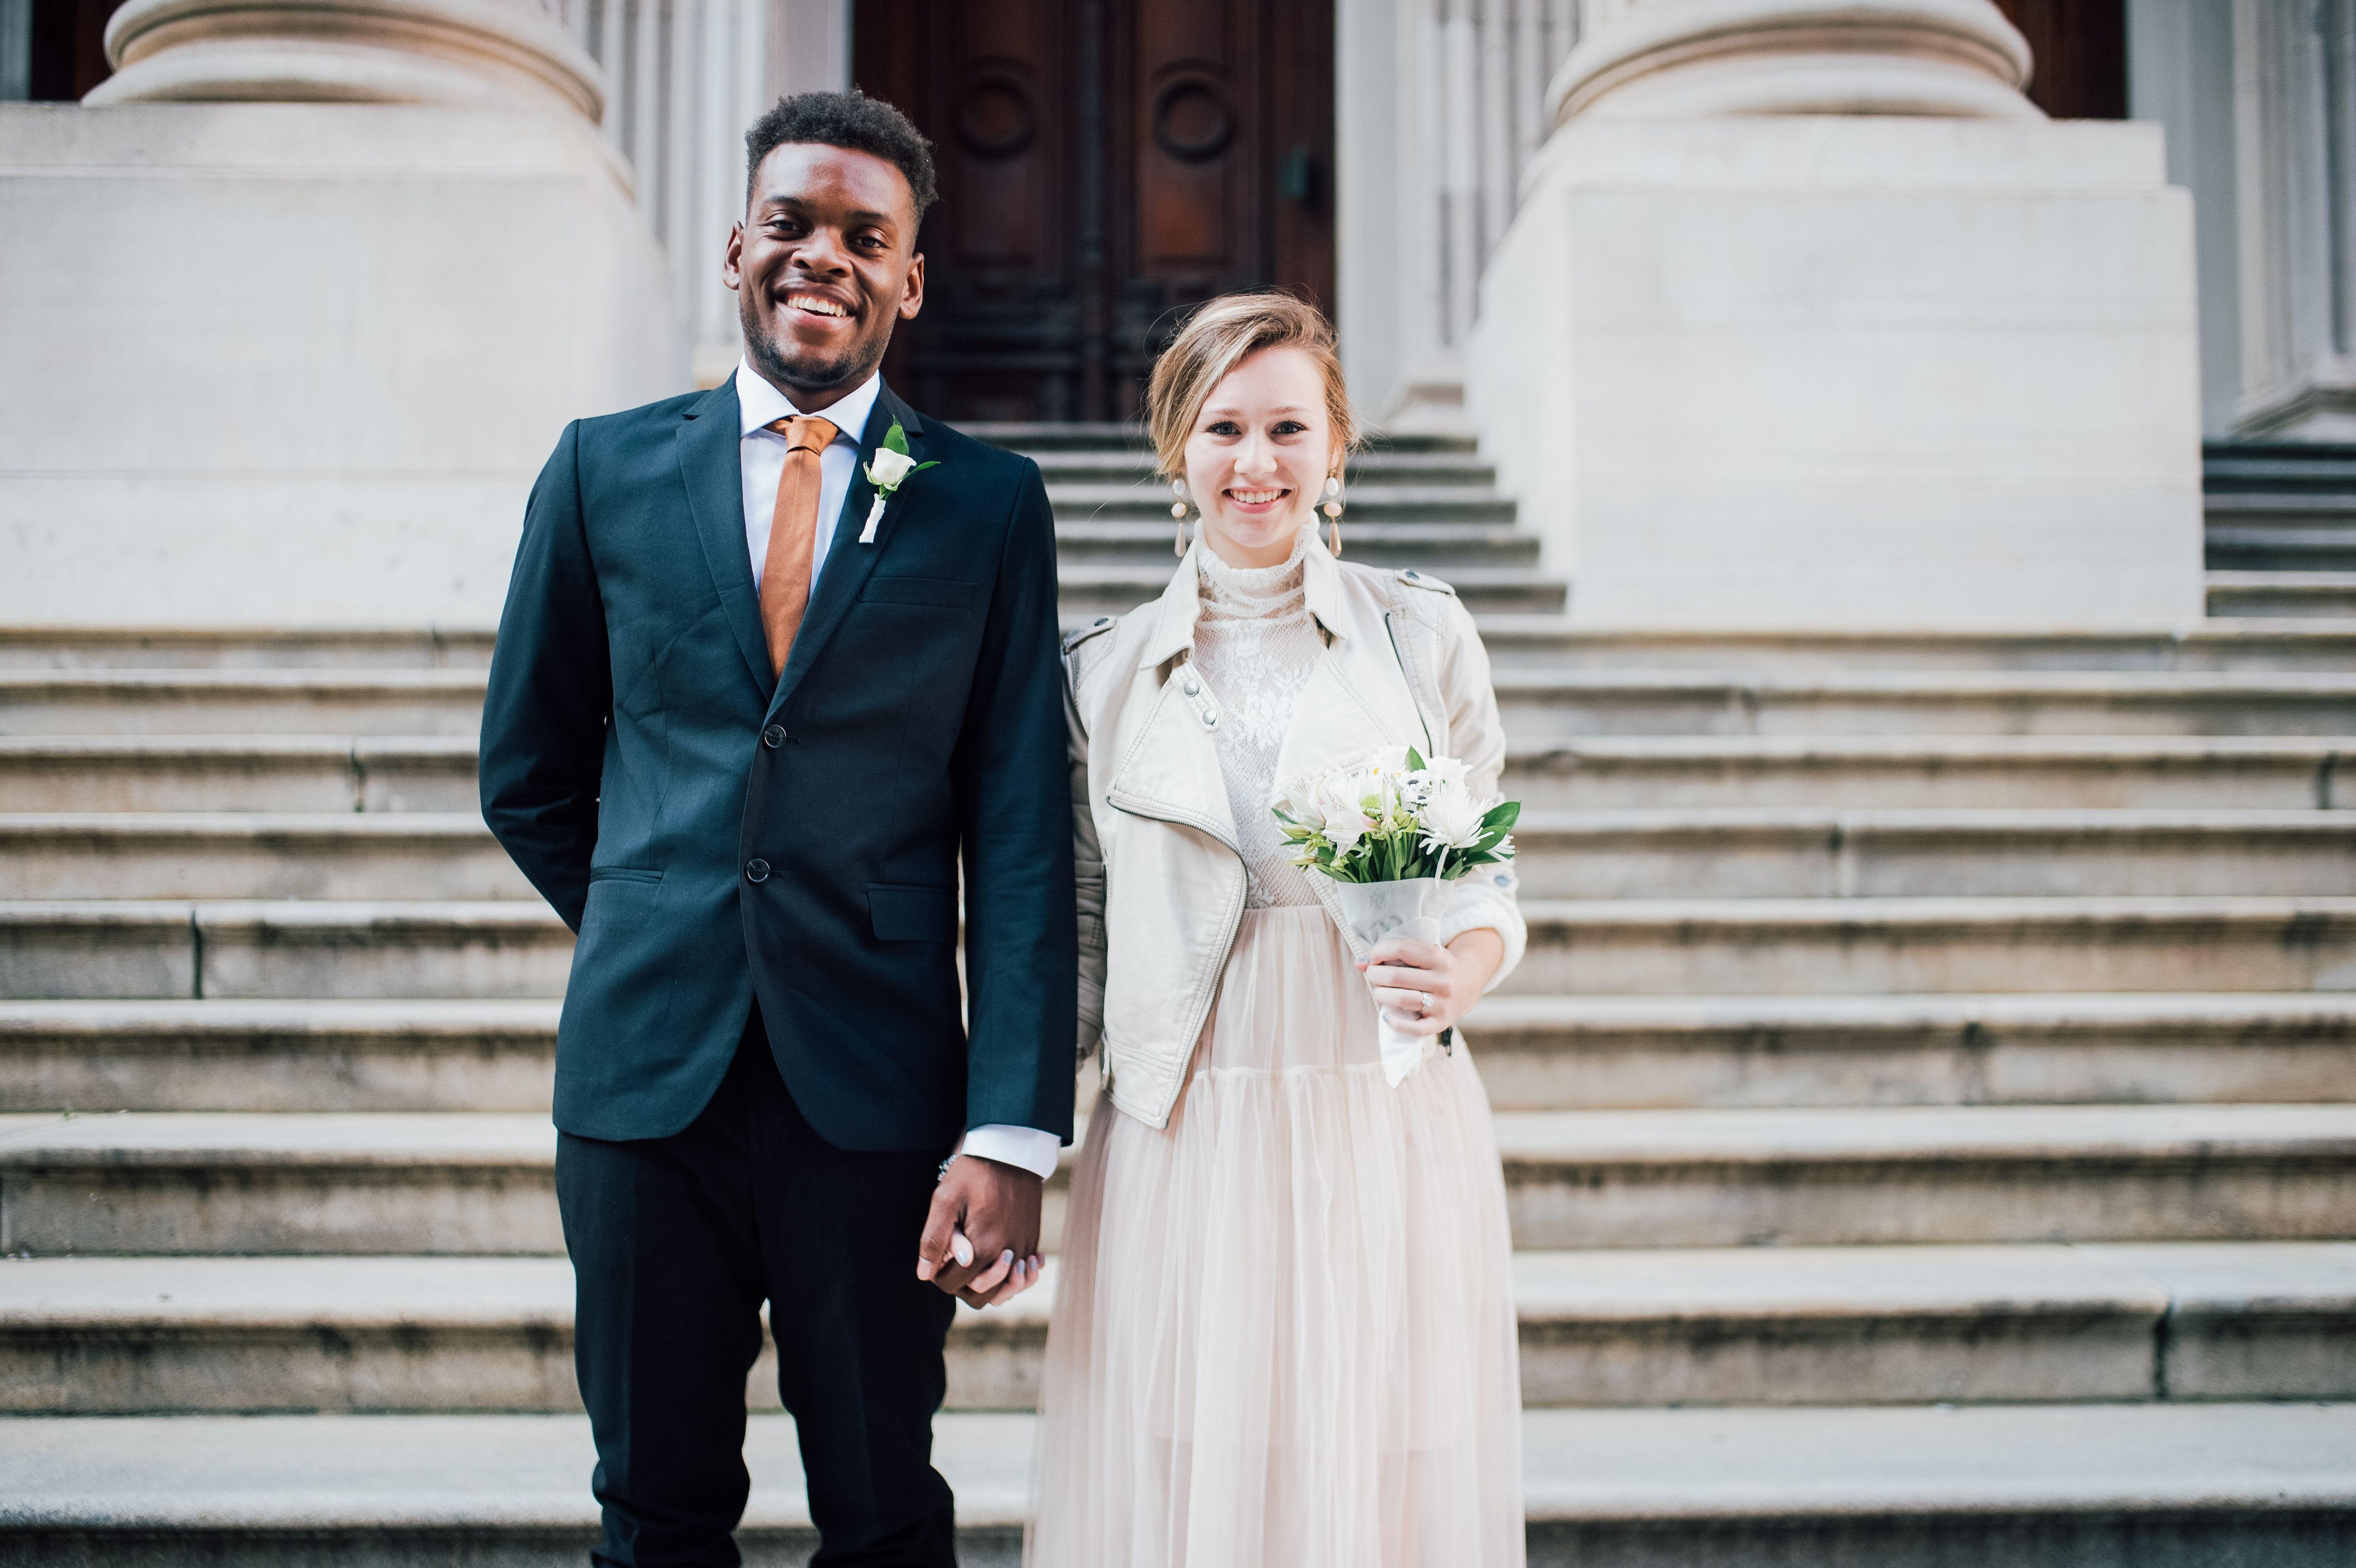 Elopment Off White Wedding Dresses White Wedding Dresses Wedding Dresses [ 3240 x 4868 Pixel ]